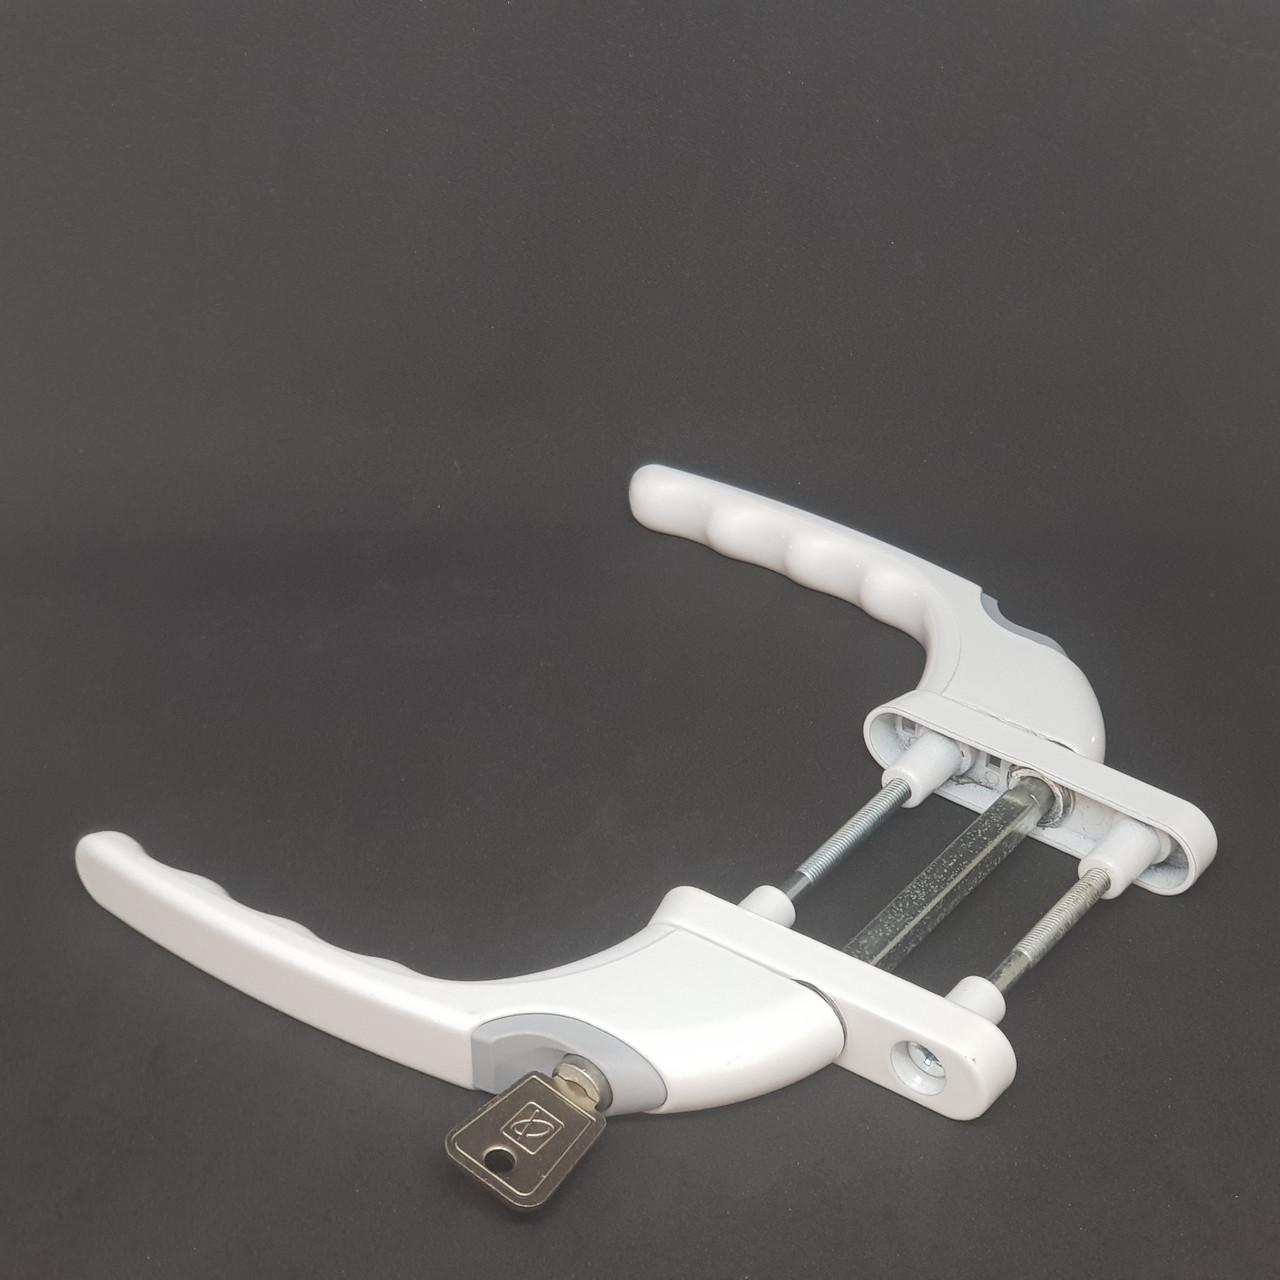 Ручка Planet для балконной двери двухсторонняя с ключом (белая)